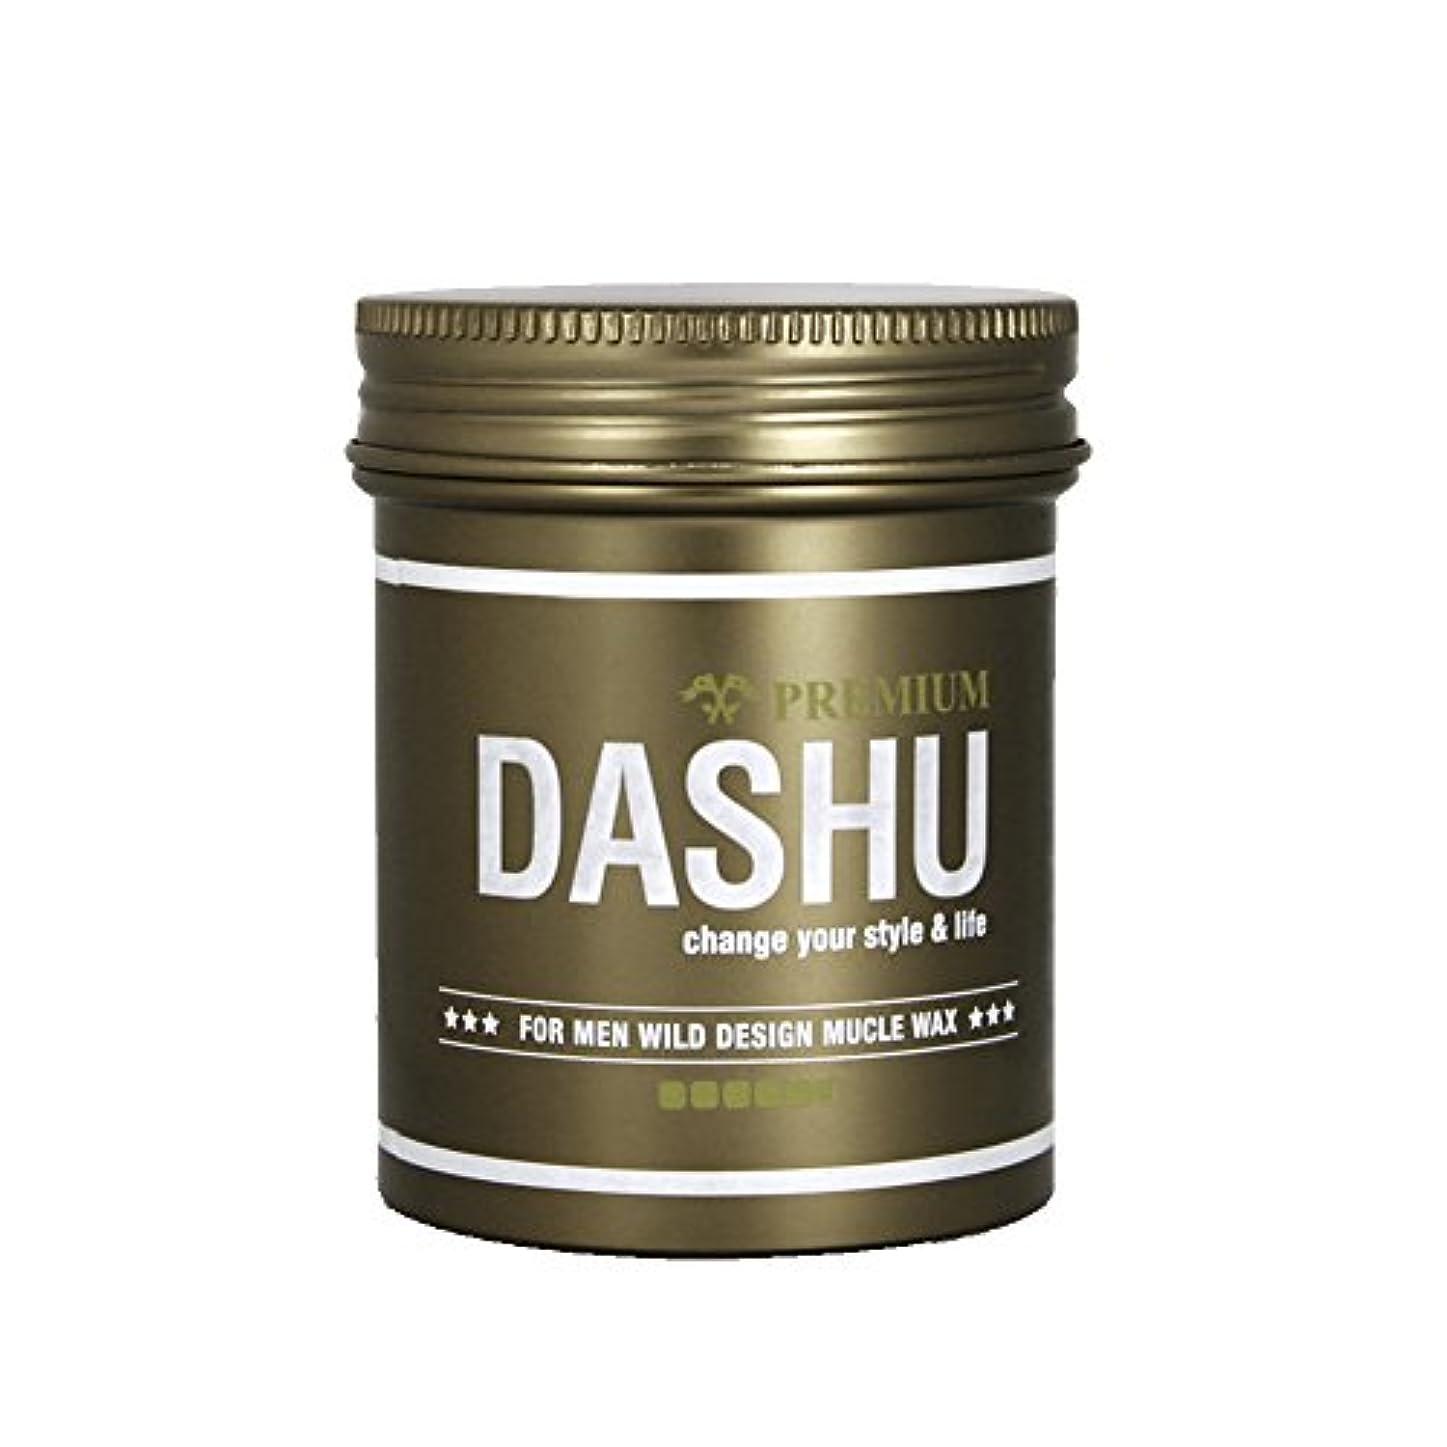 ヨーグルトストリーム犯す[DASHU] ダシュ For Men男性用 プレミアムワイルドデザインマッスルワックス Premium Wild Design Mucle Hair Wax 100ml / 韓国製 . 韓国直送品